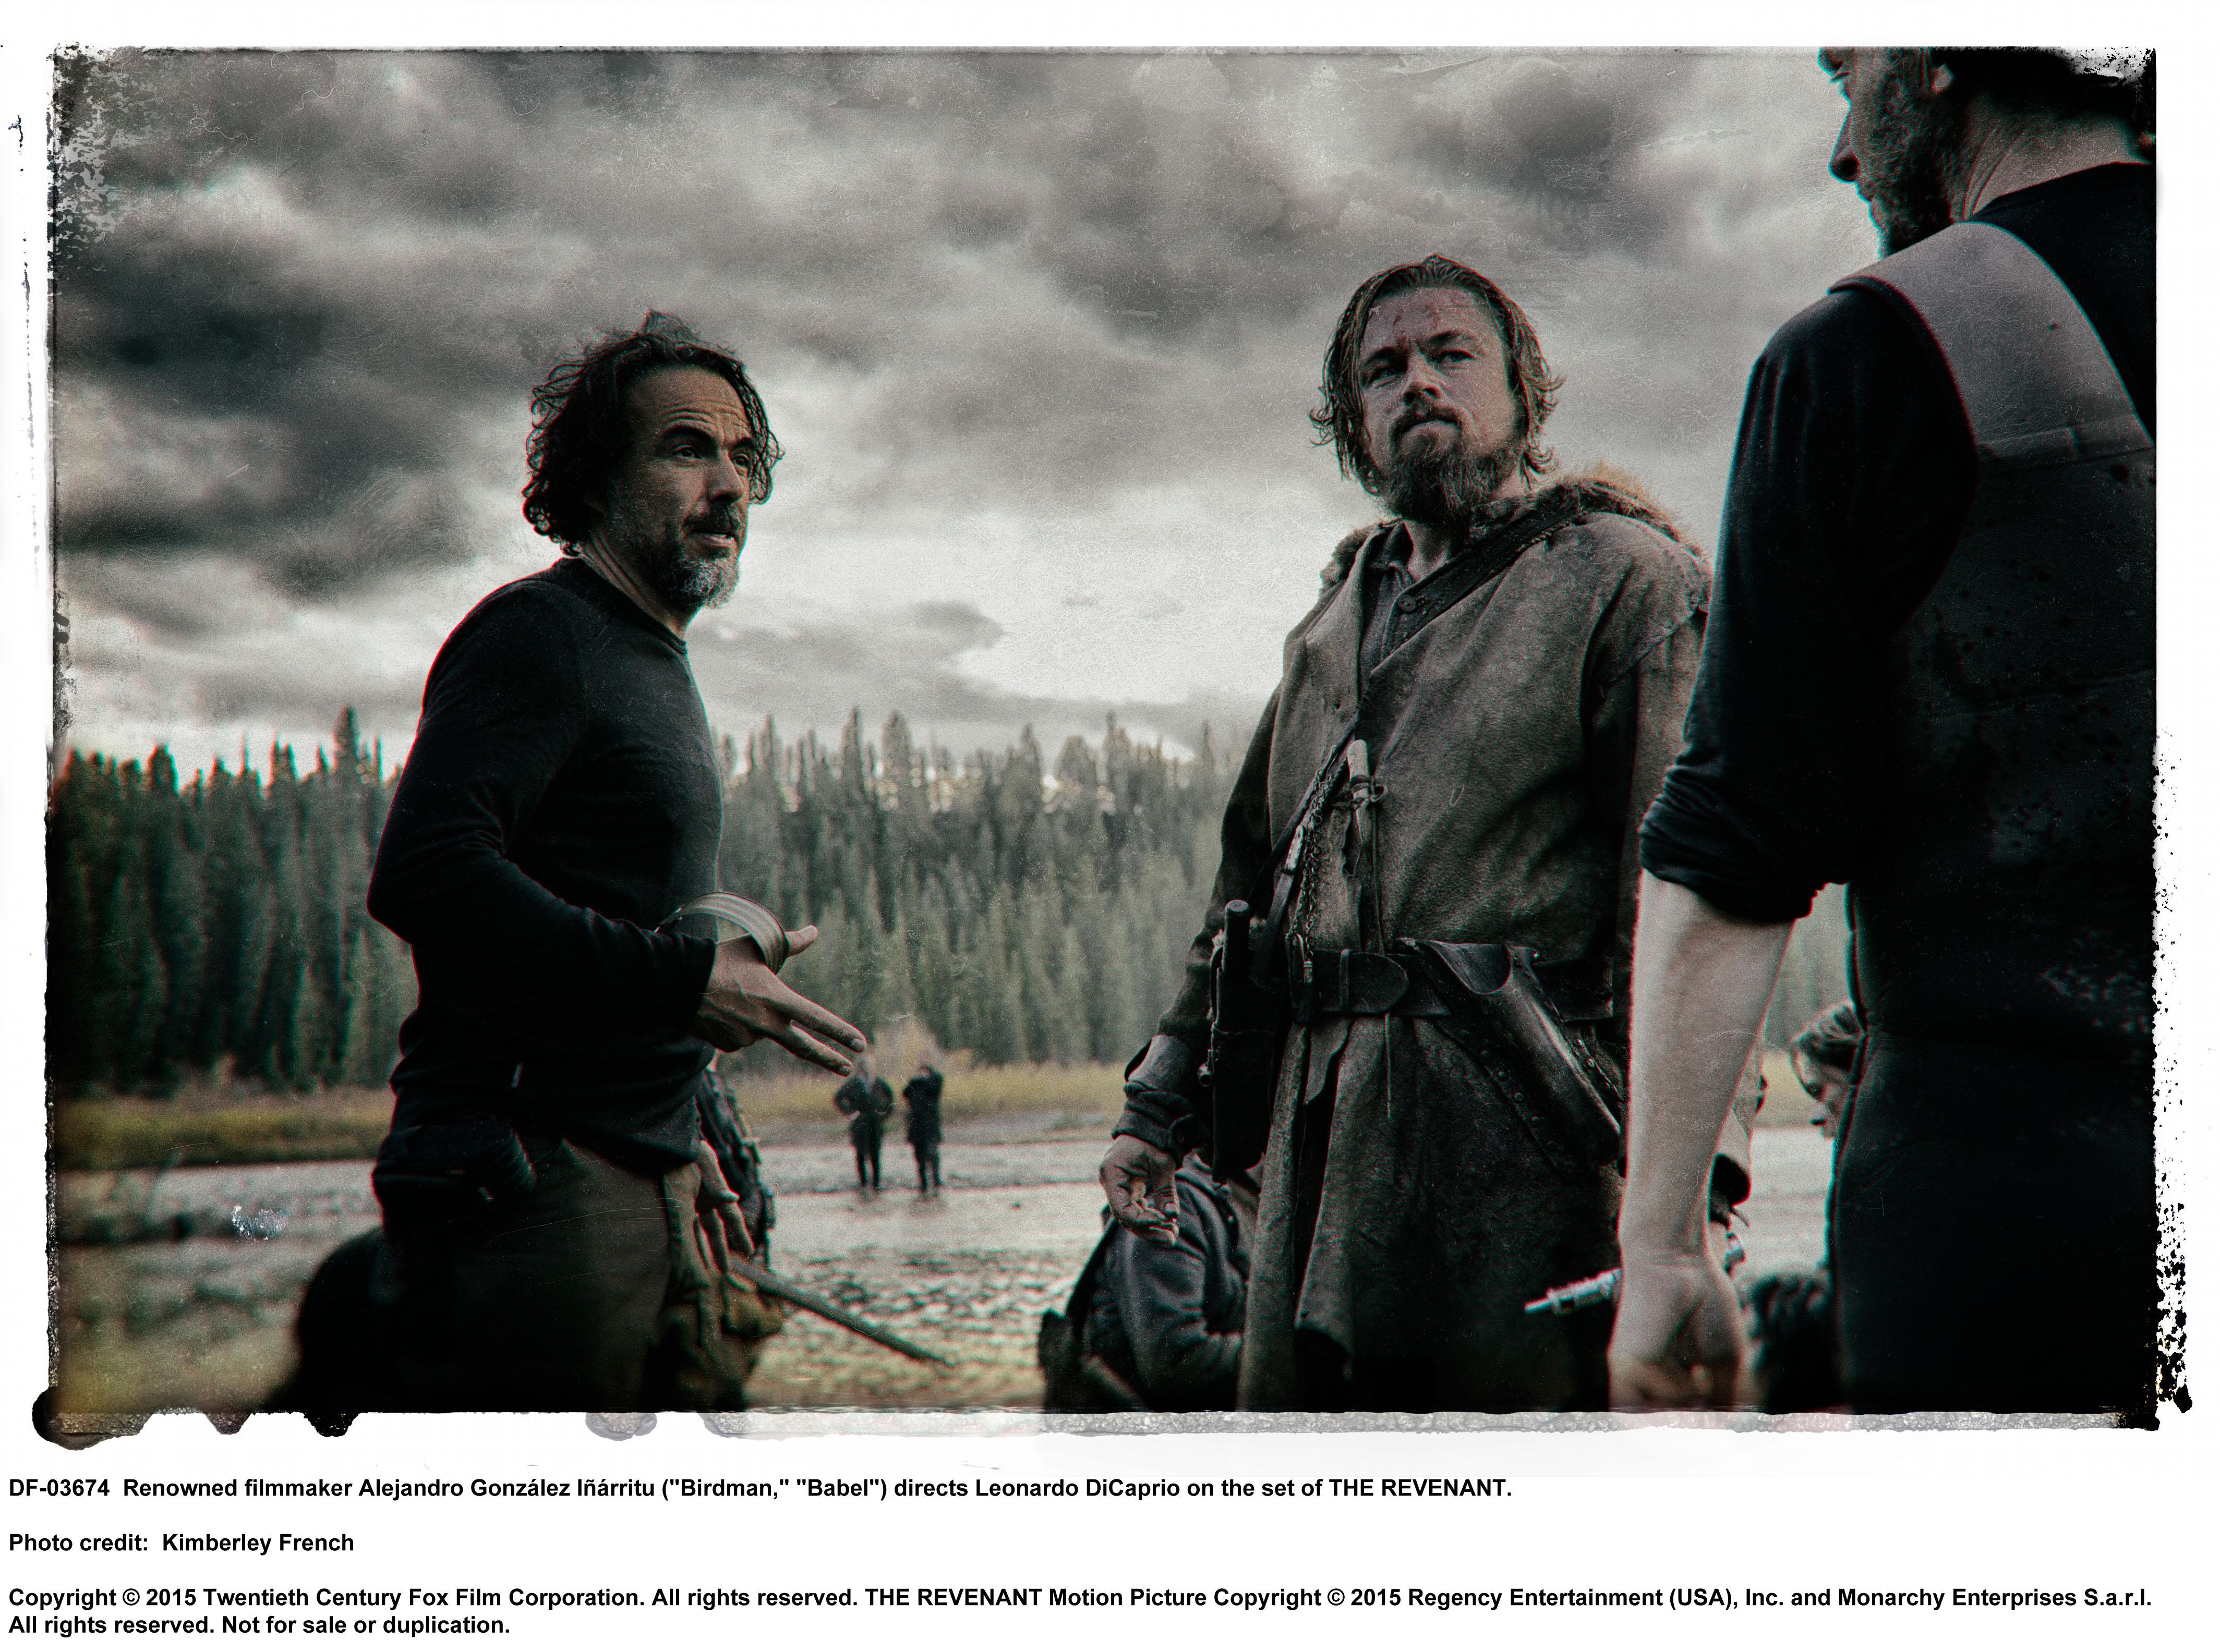 Alejandro González Iñárritu and Leonardo Dicaprio